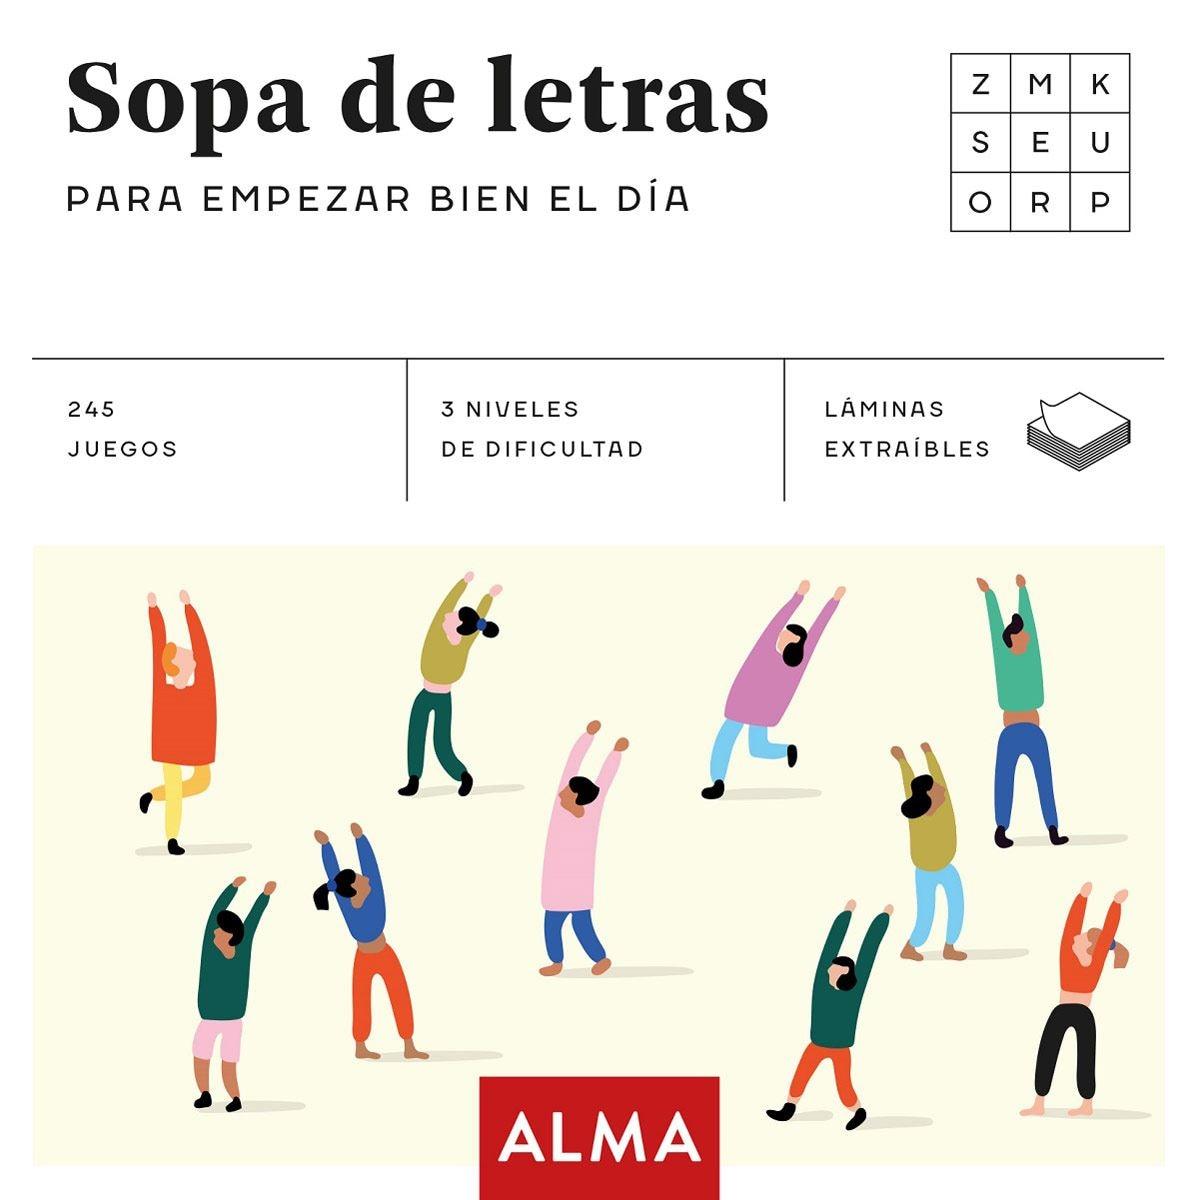 SOPA DE LETRAS PARA EMPEZAR BIEN EL DIA